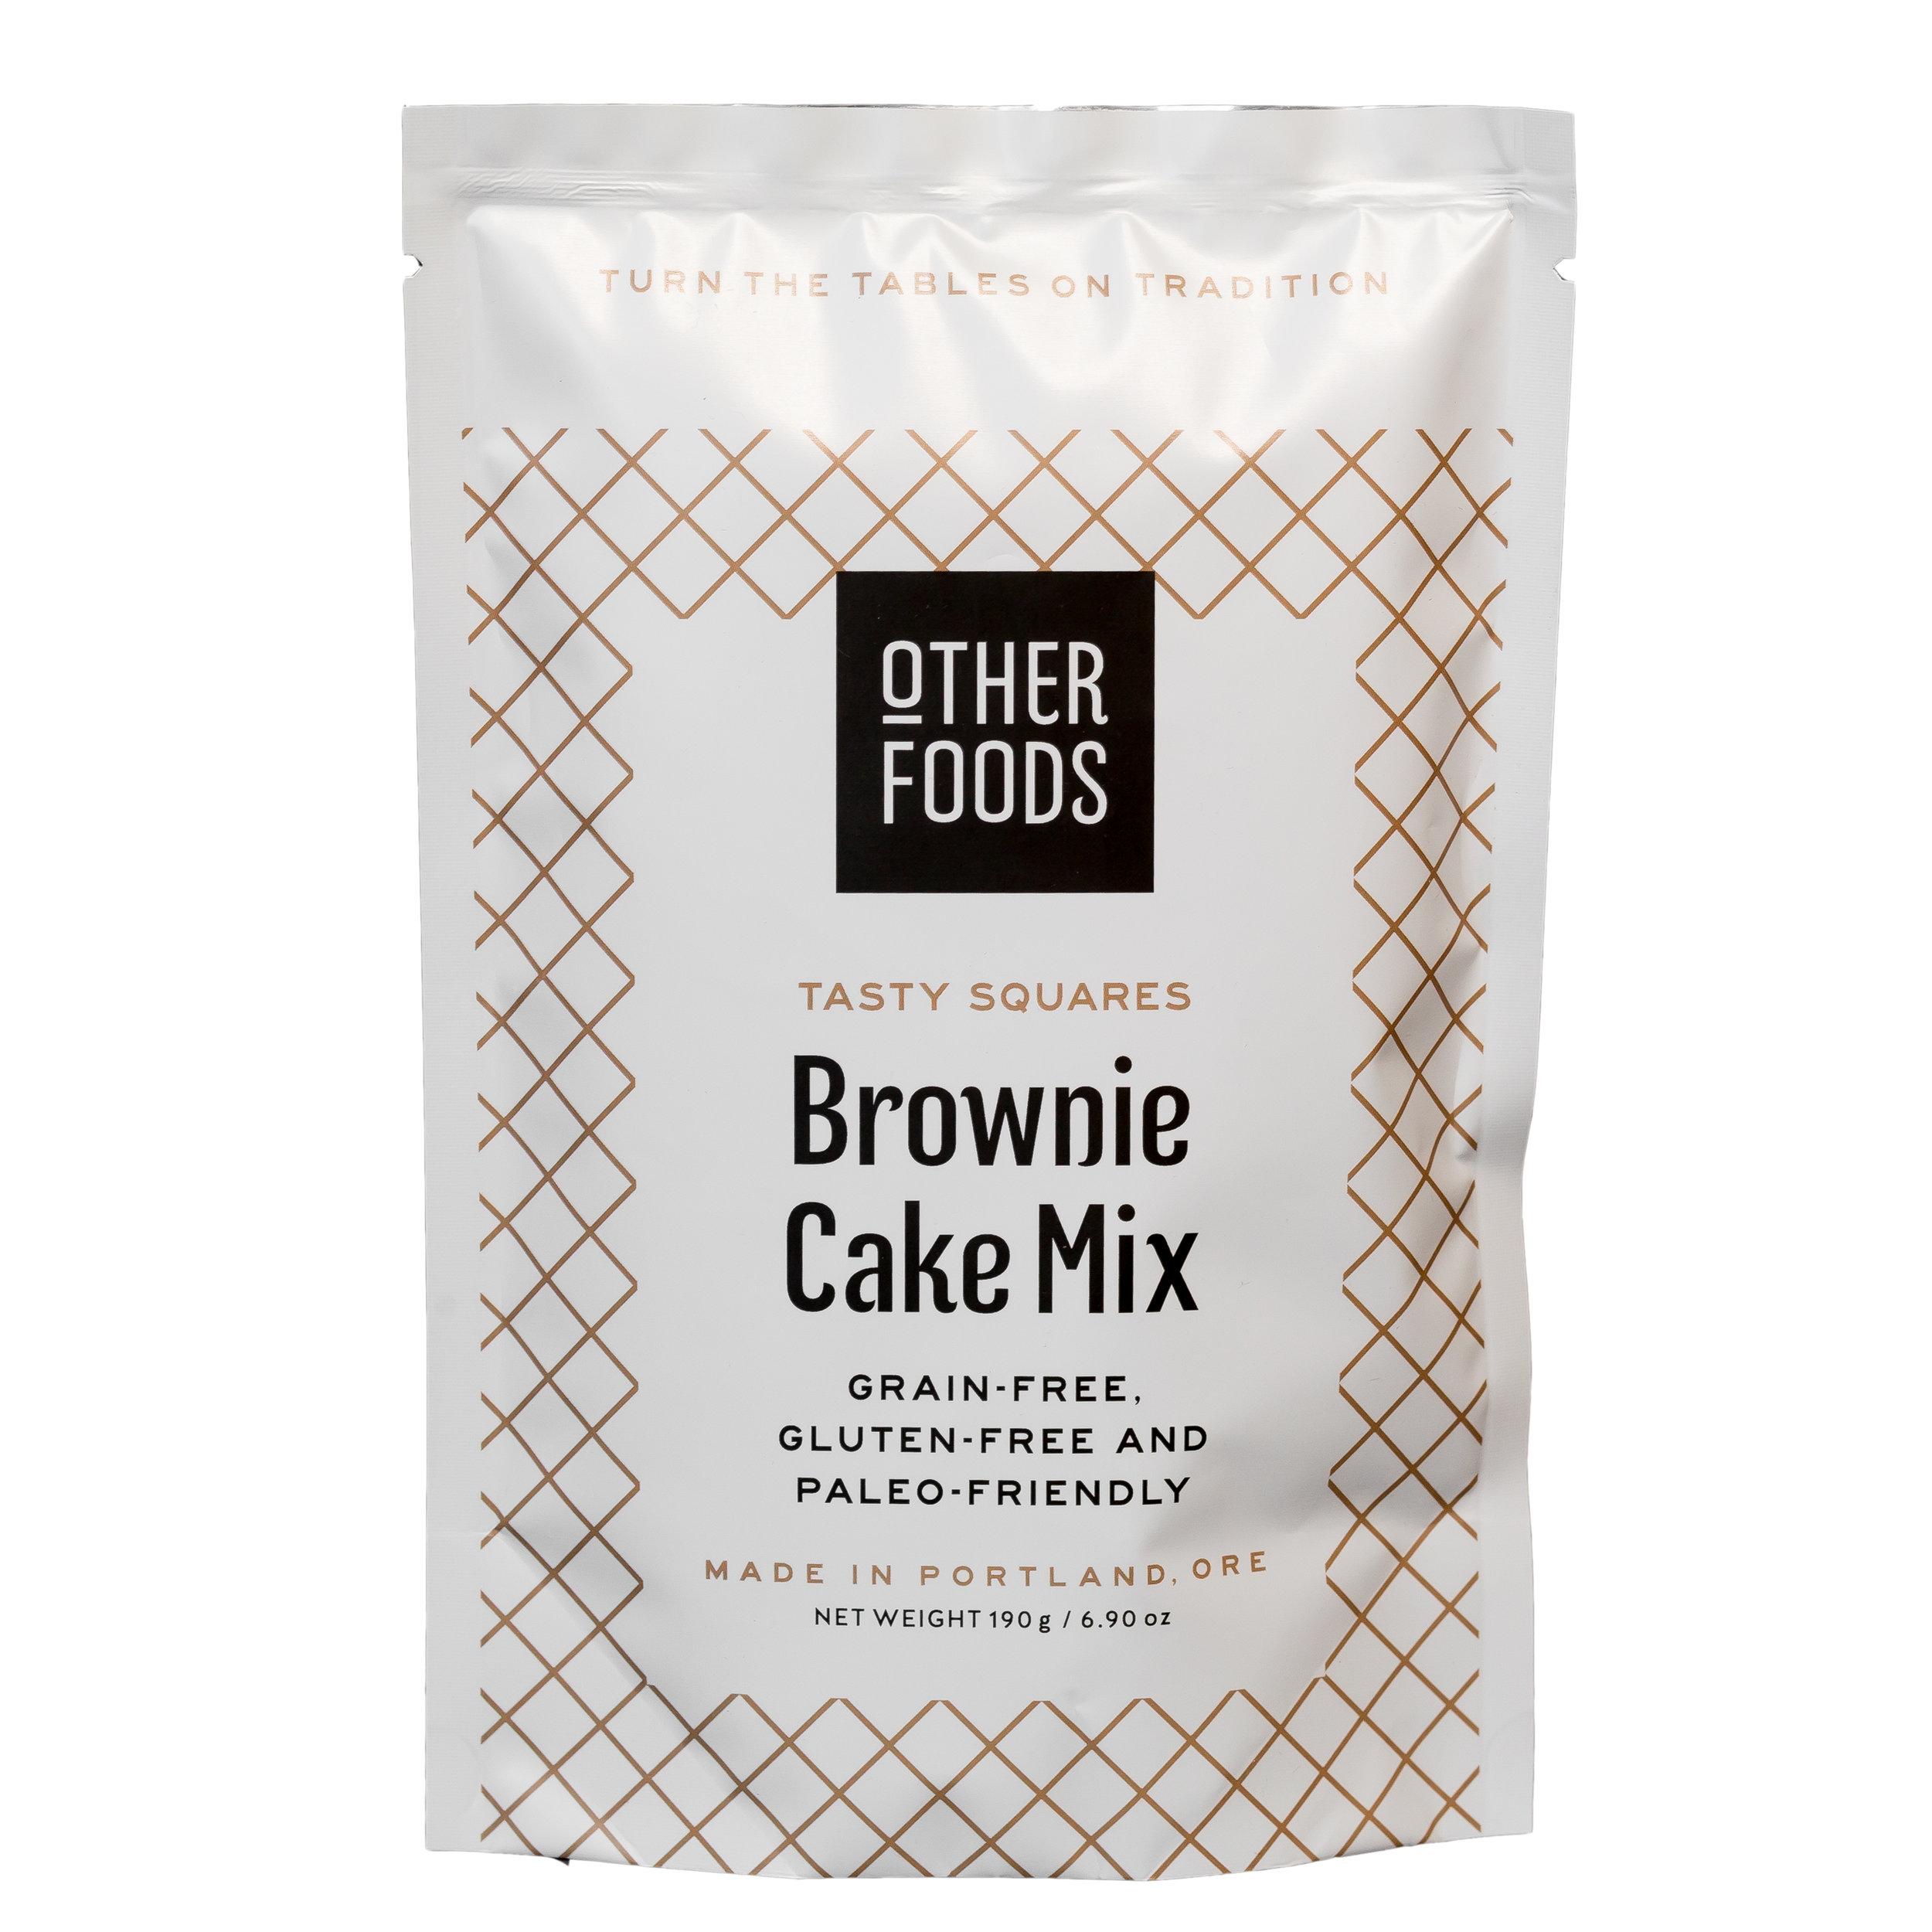 brownie packaging design